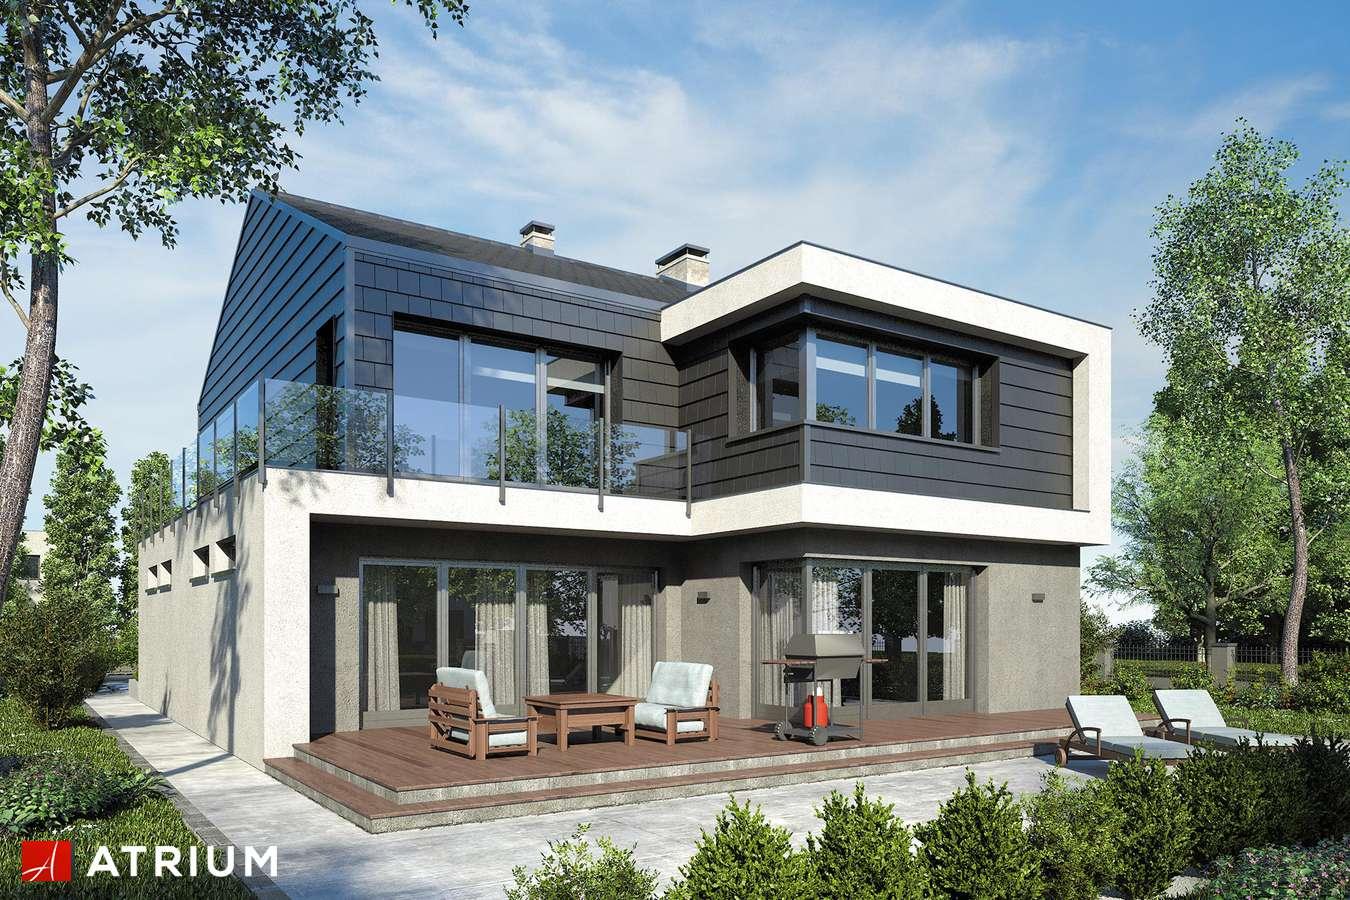 Projekty domów - Projekt domu piętrowego NEW HOUSE II - wizualizacja 1 - wersja lustrzana